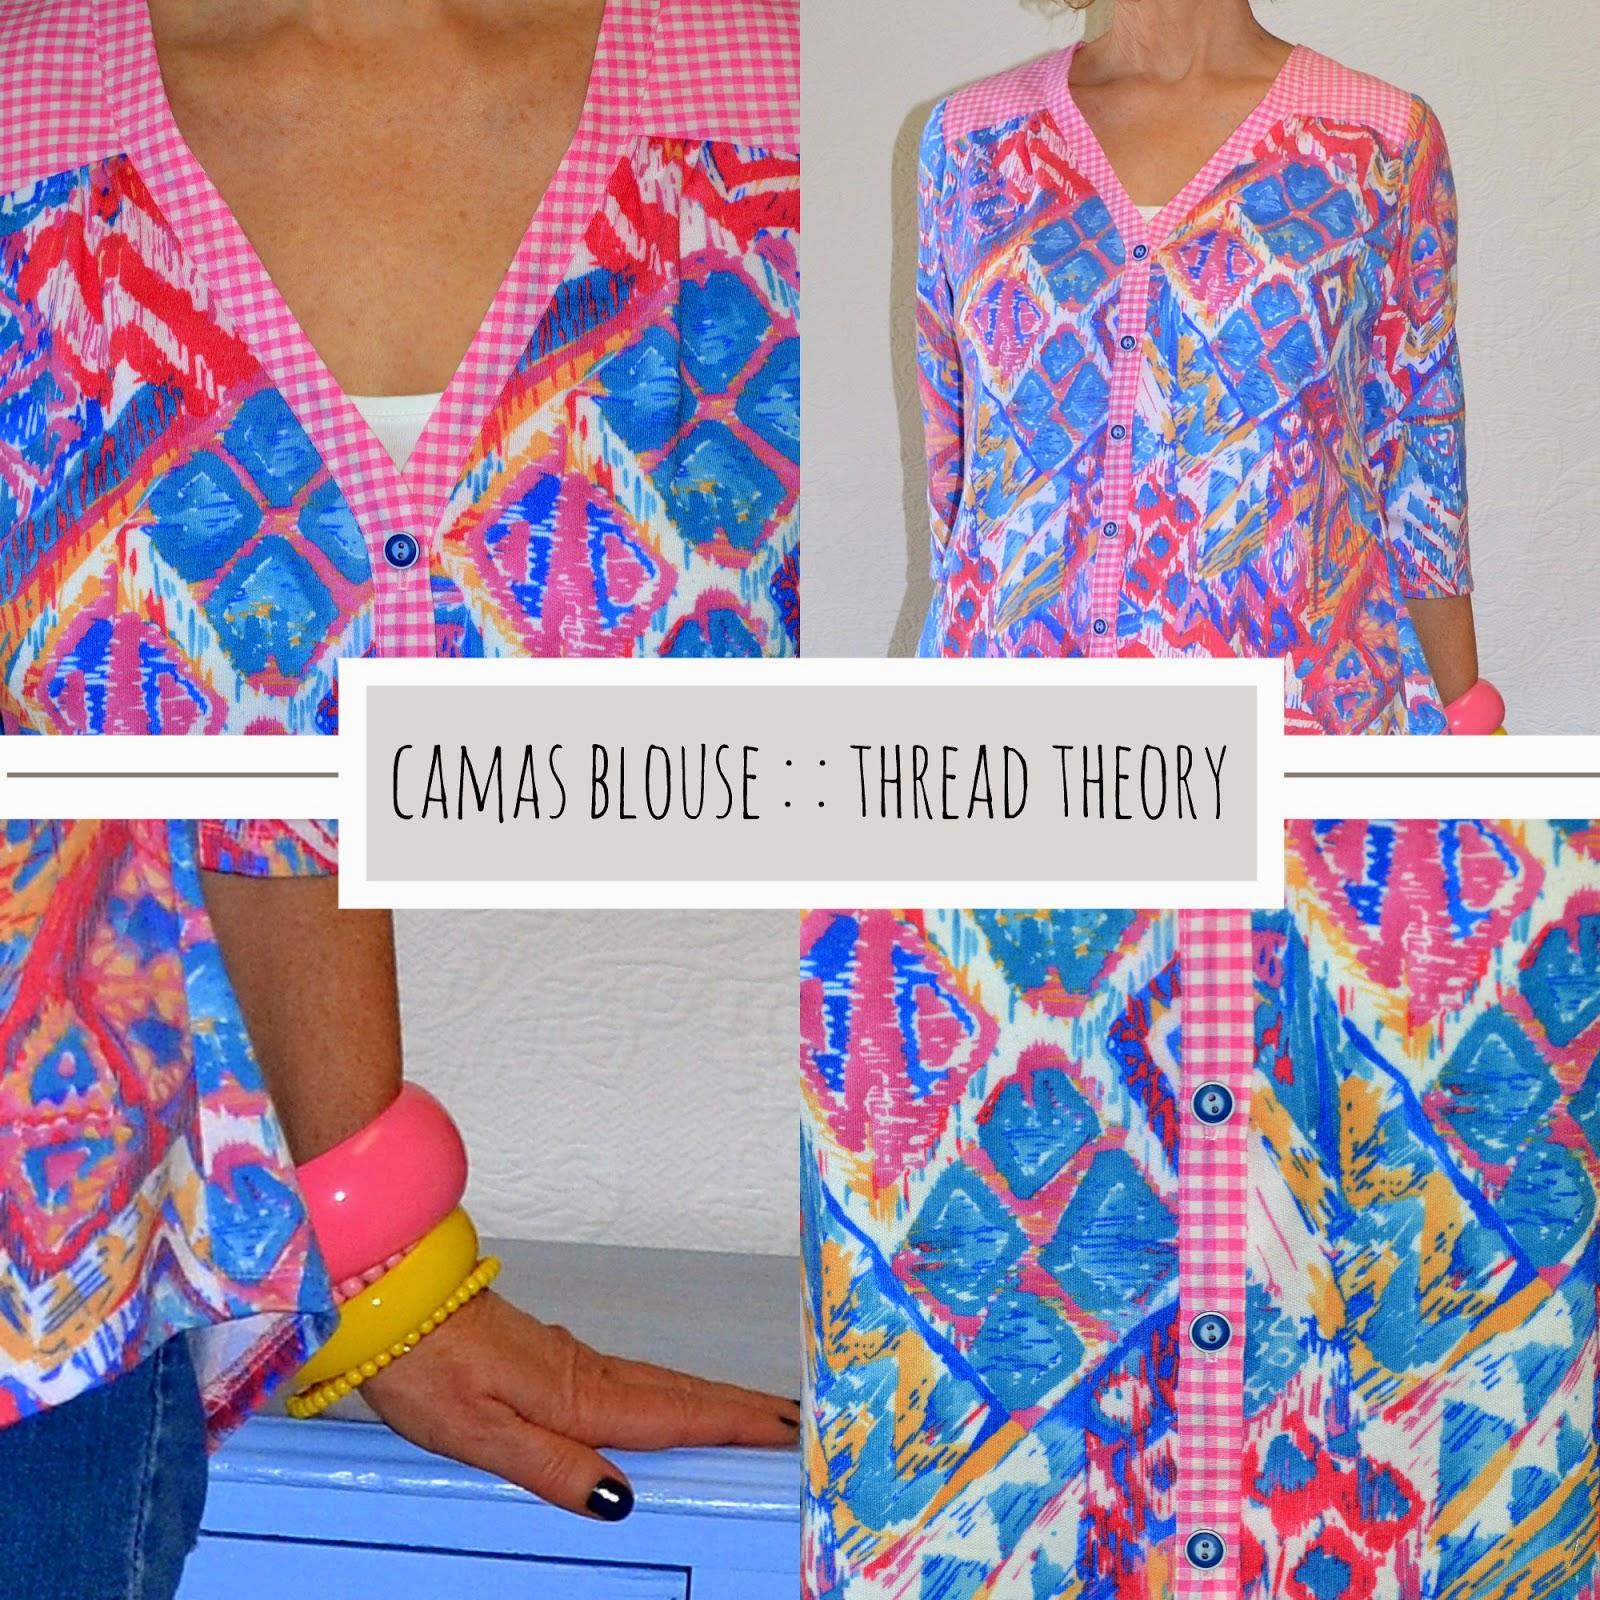 A Colourful Canvas, Camas Blouse, Thread Theory